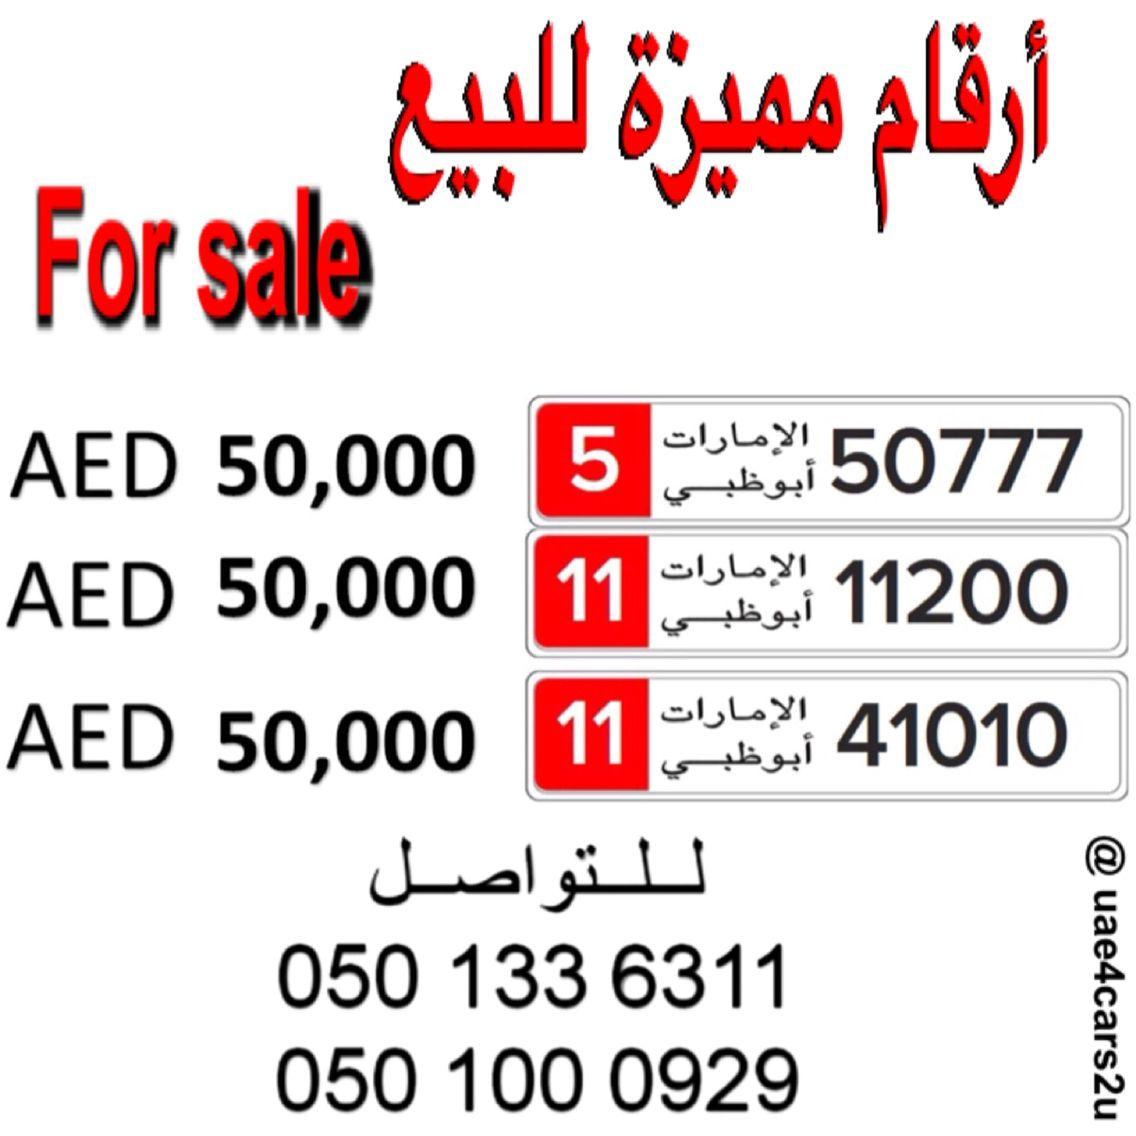 ارقام مميزة للبيع ارقام لوحات سيارات ابوظبي للبيع للتواصل 0501336311 او 0501000929 اعلانvip ارقام مميزة انستقرام Uae4ca Math Math Equations Boarding Pass